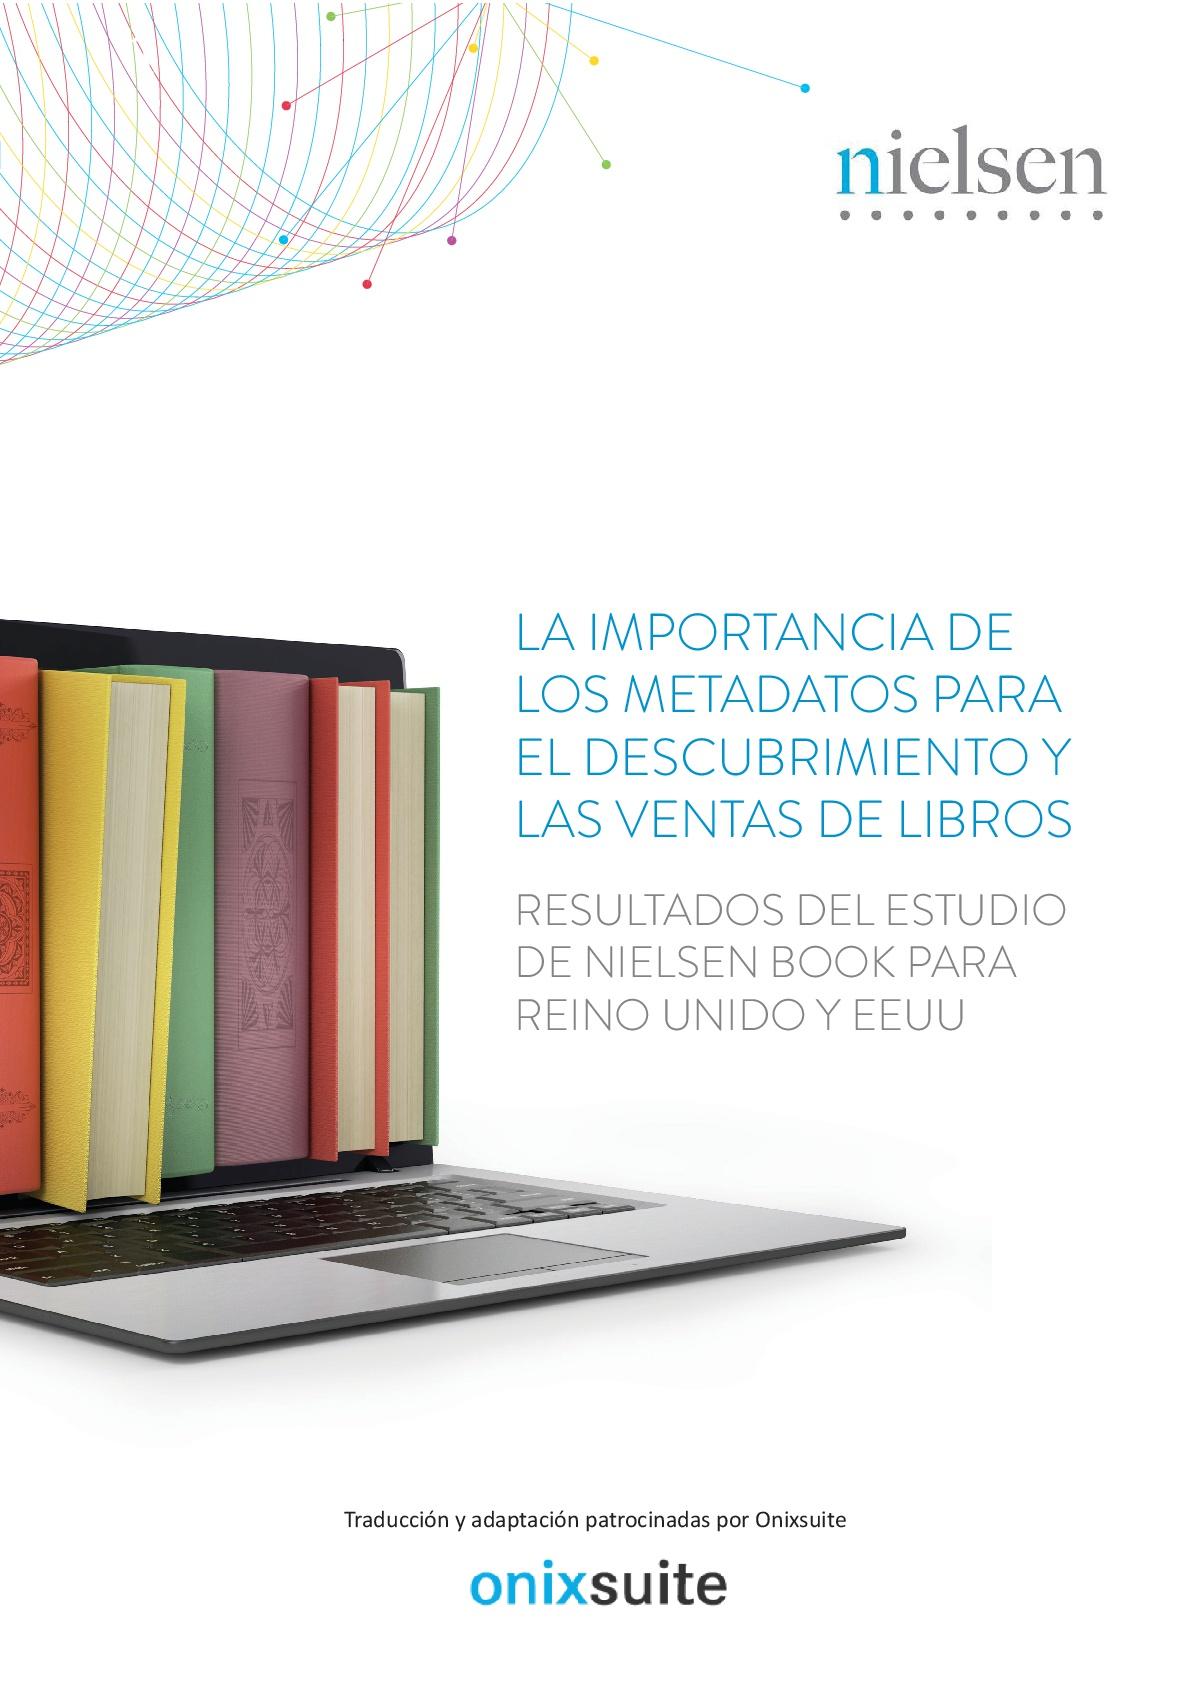 La importancia de los metadatos para el descubrimiento y las ventas de libros. Resultados del estudio de Nielsen Book para Reino Unido y EE.UU.